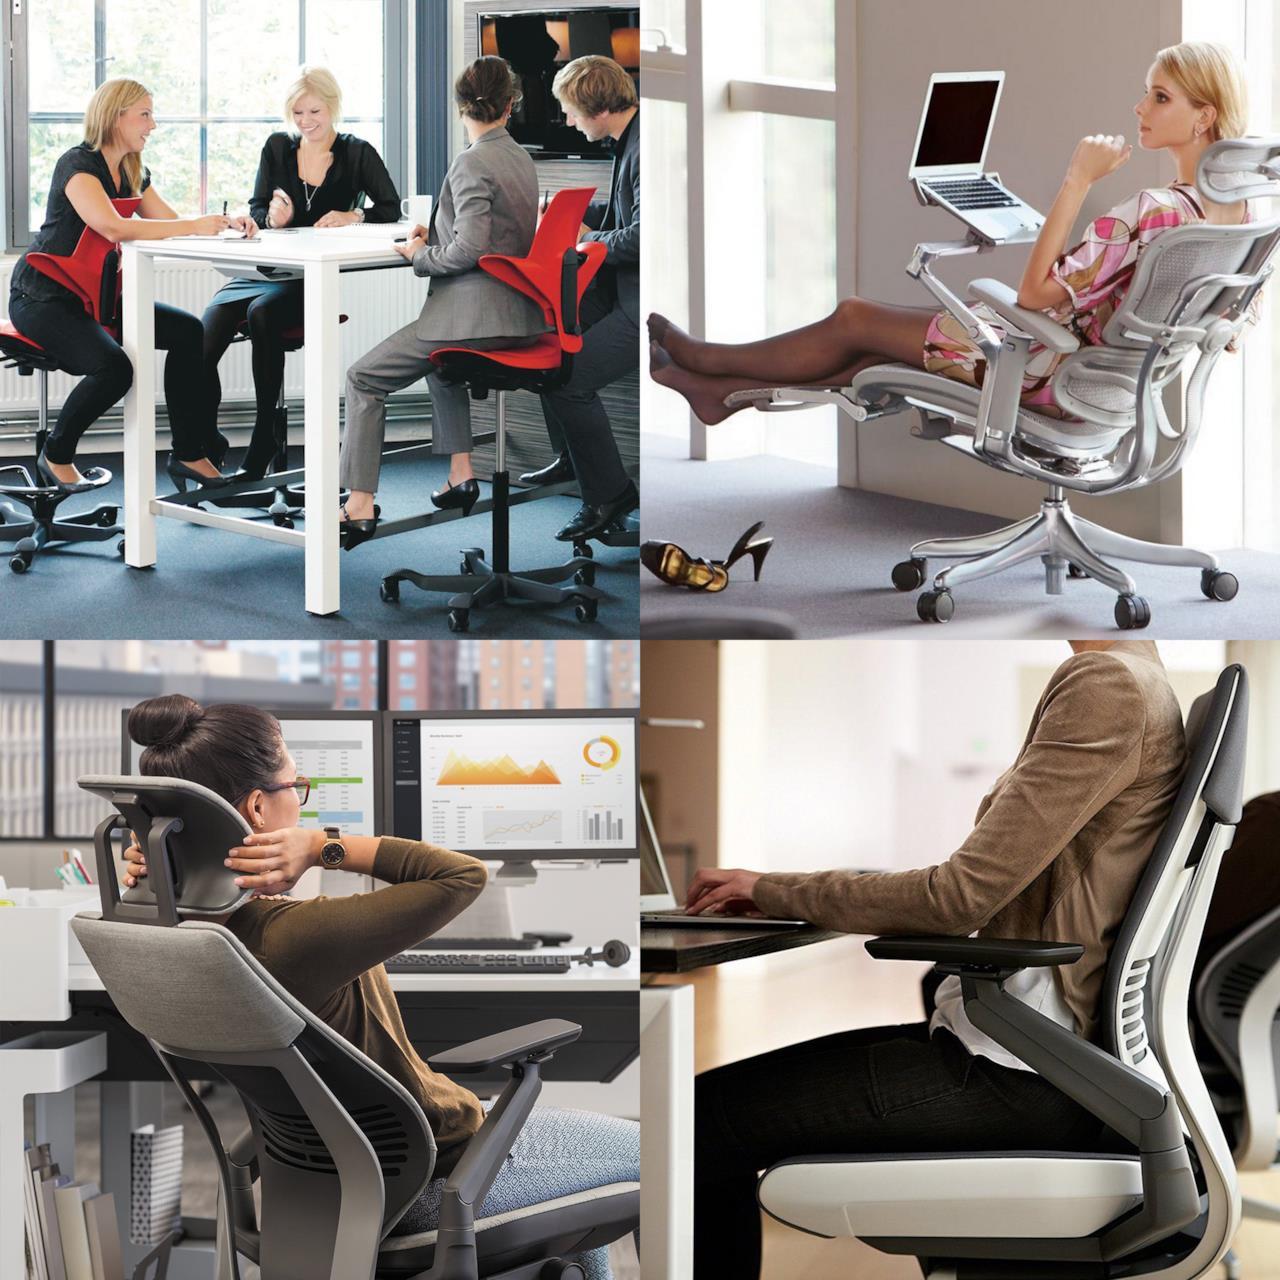 Migliore Sedia Ergonomica Da Ufficio.Una Guida Per Scegliere La Migliore Sedia Da Ufficio Pratica E Comoda